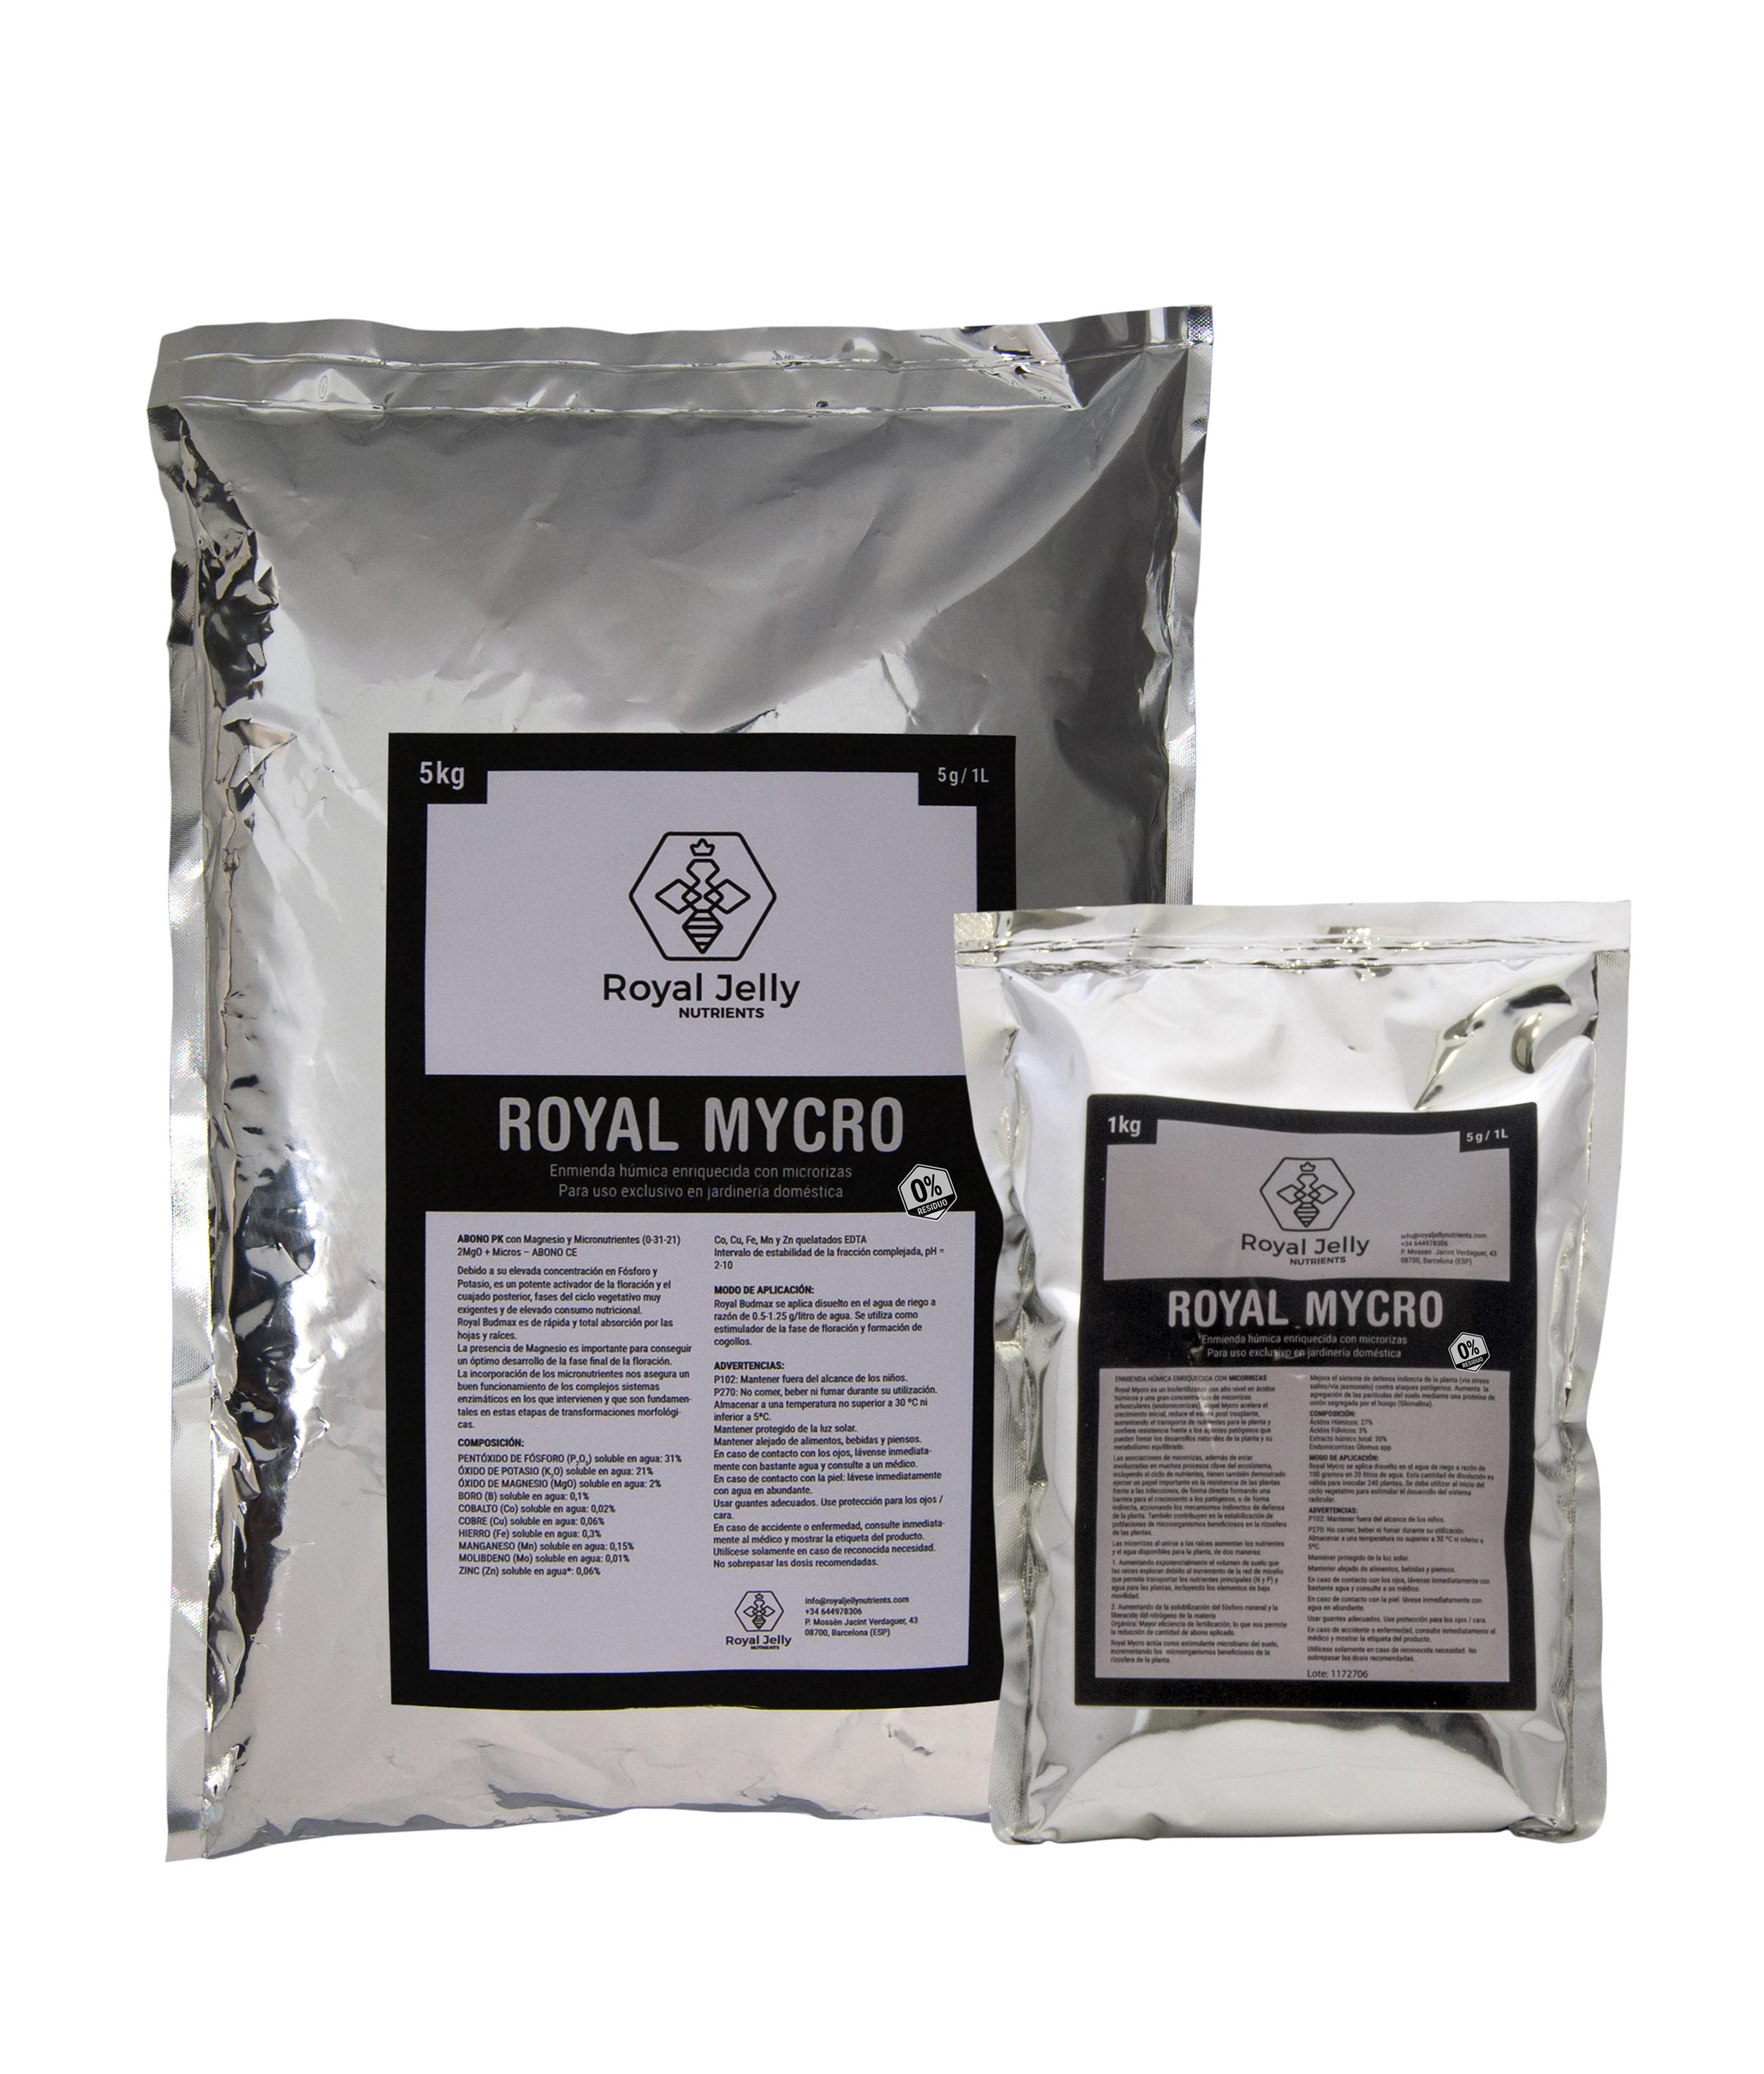 royal mycro bodegó proba